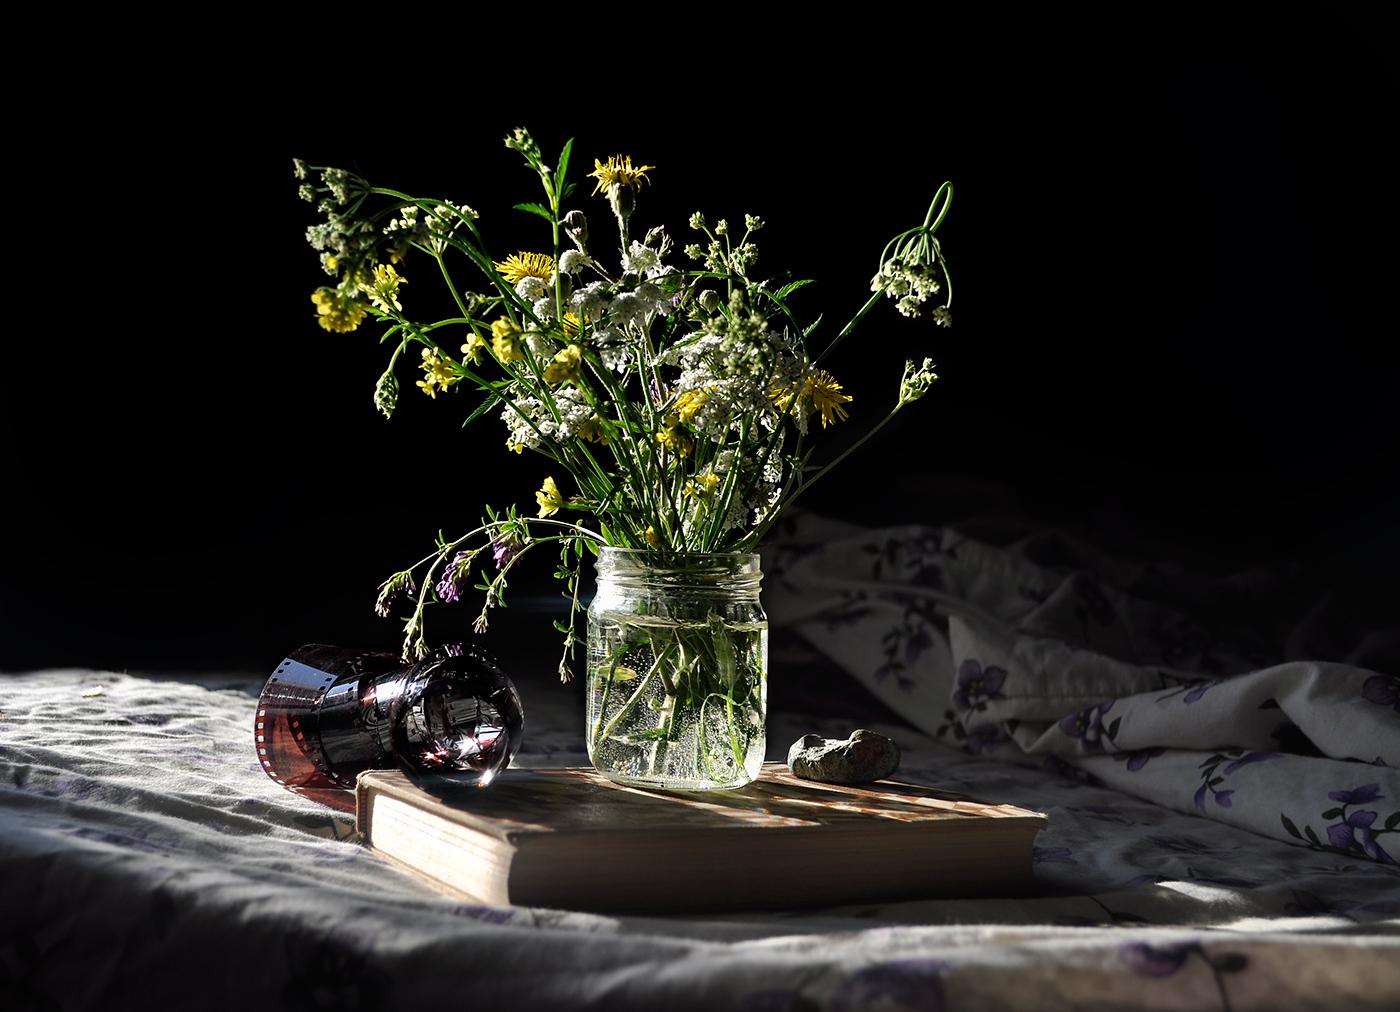 Still Life / Natia Gelantia